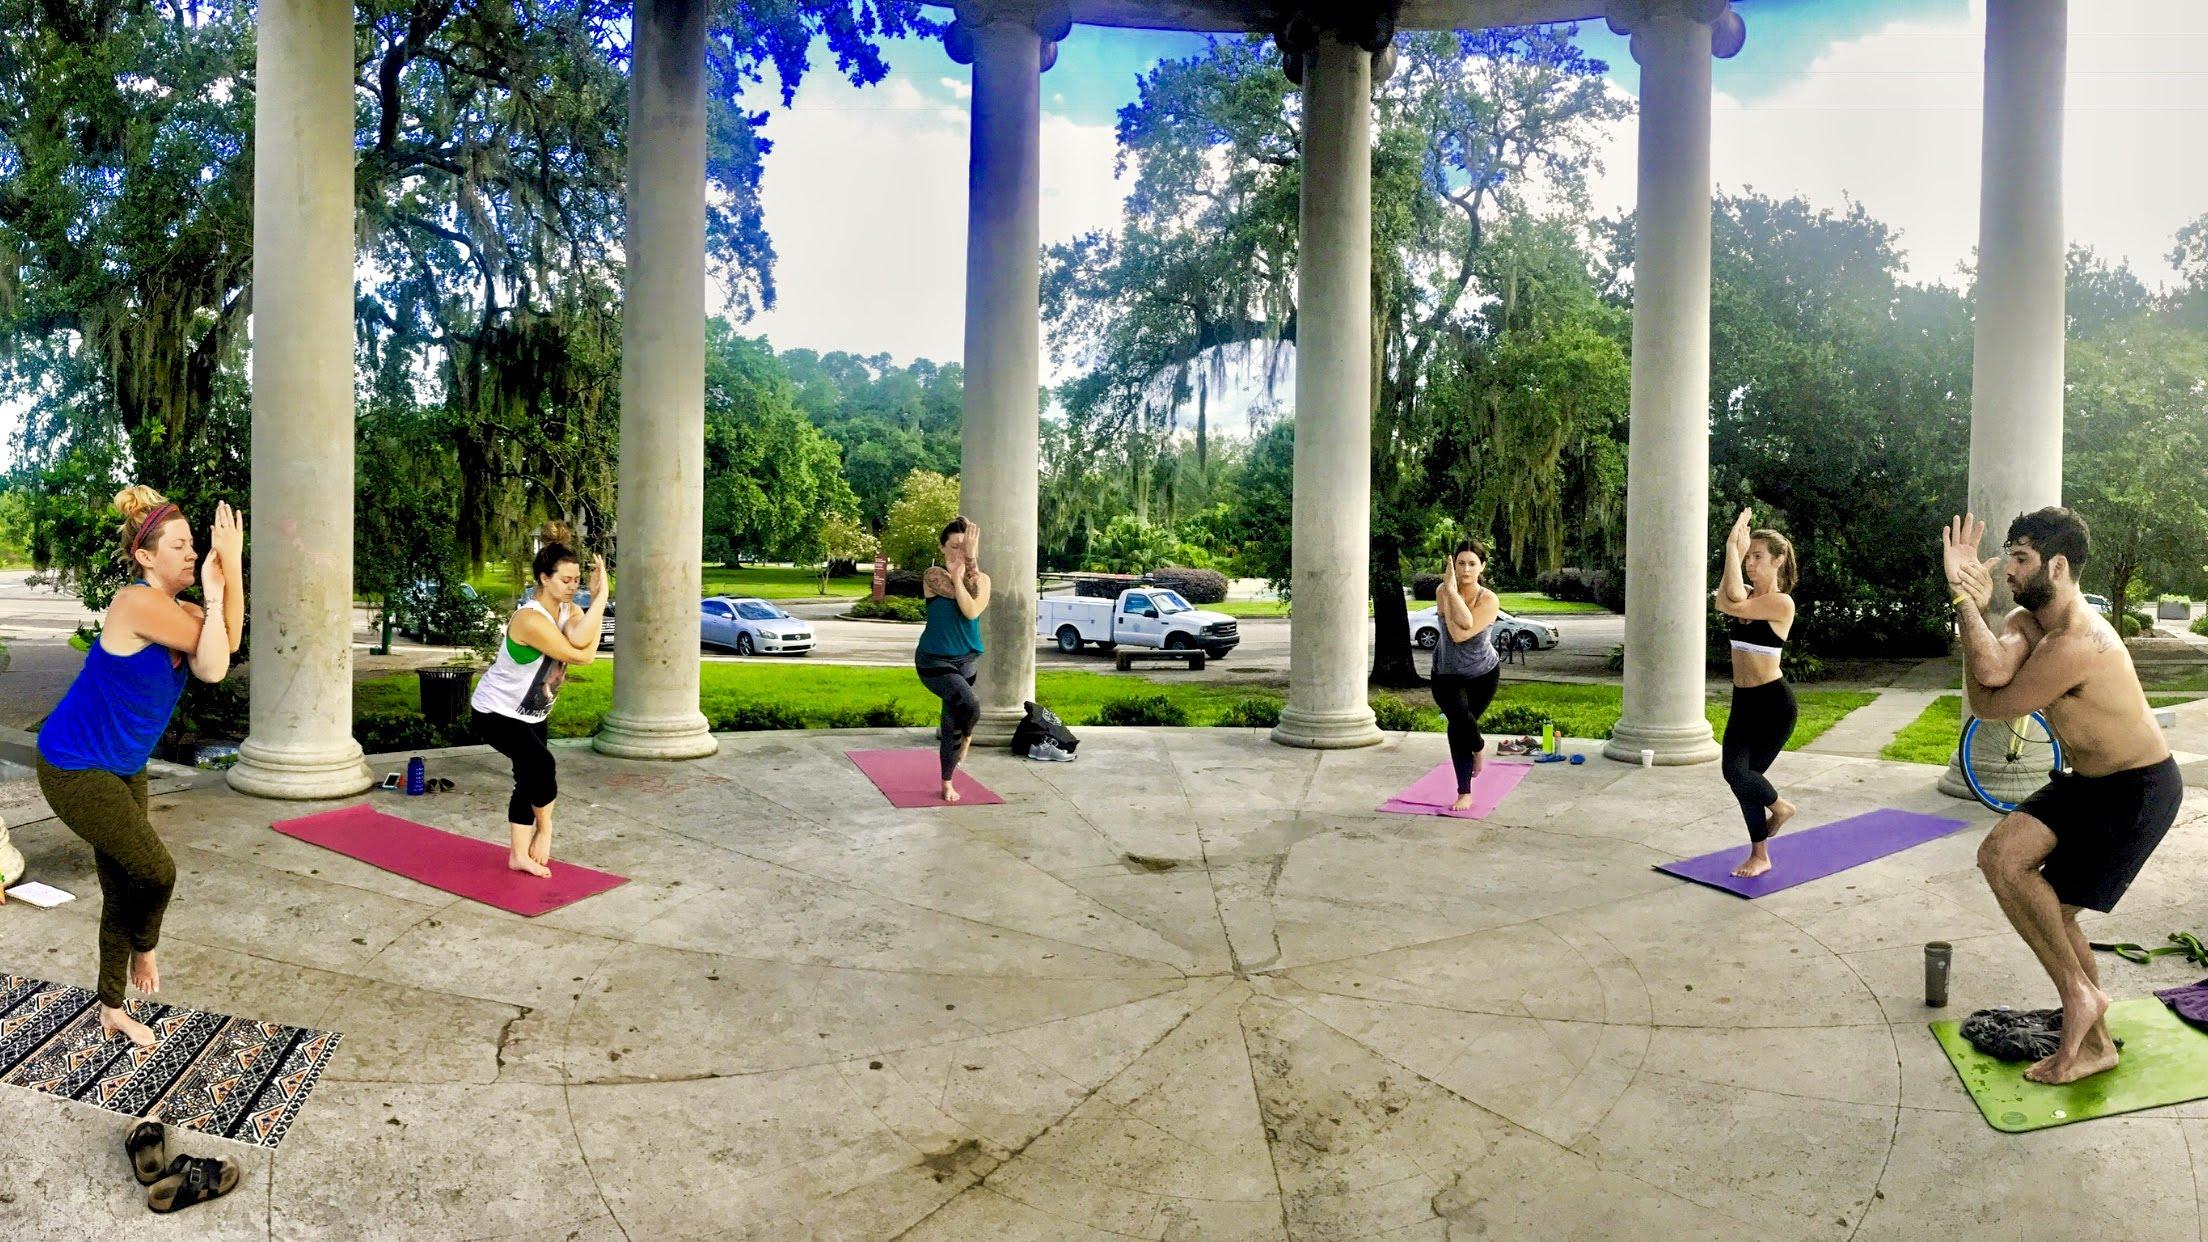 Wednesday Sunrise Yoga at City Park